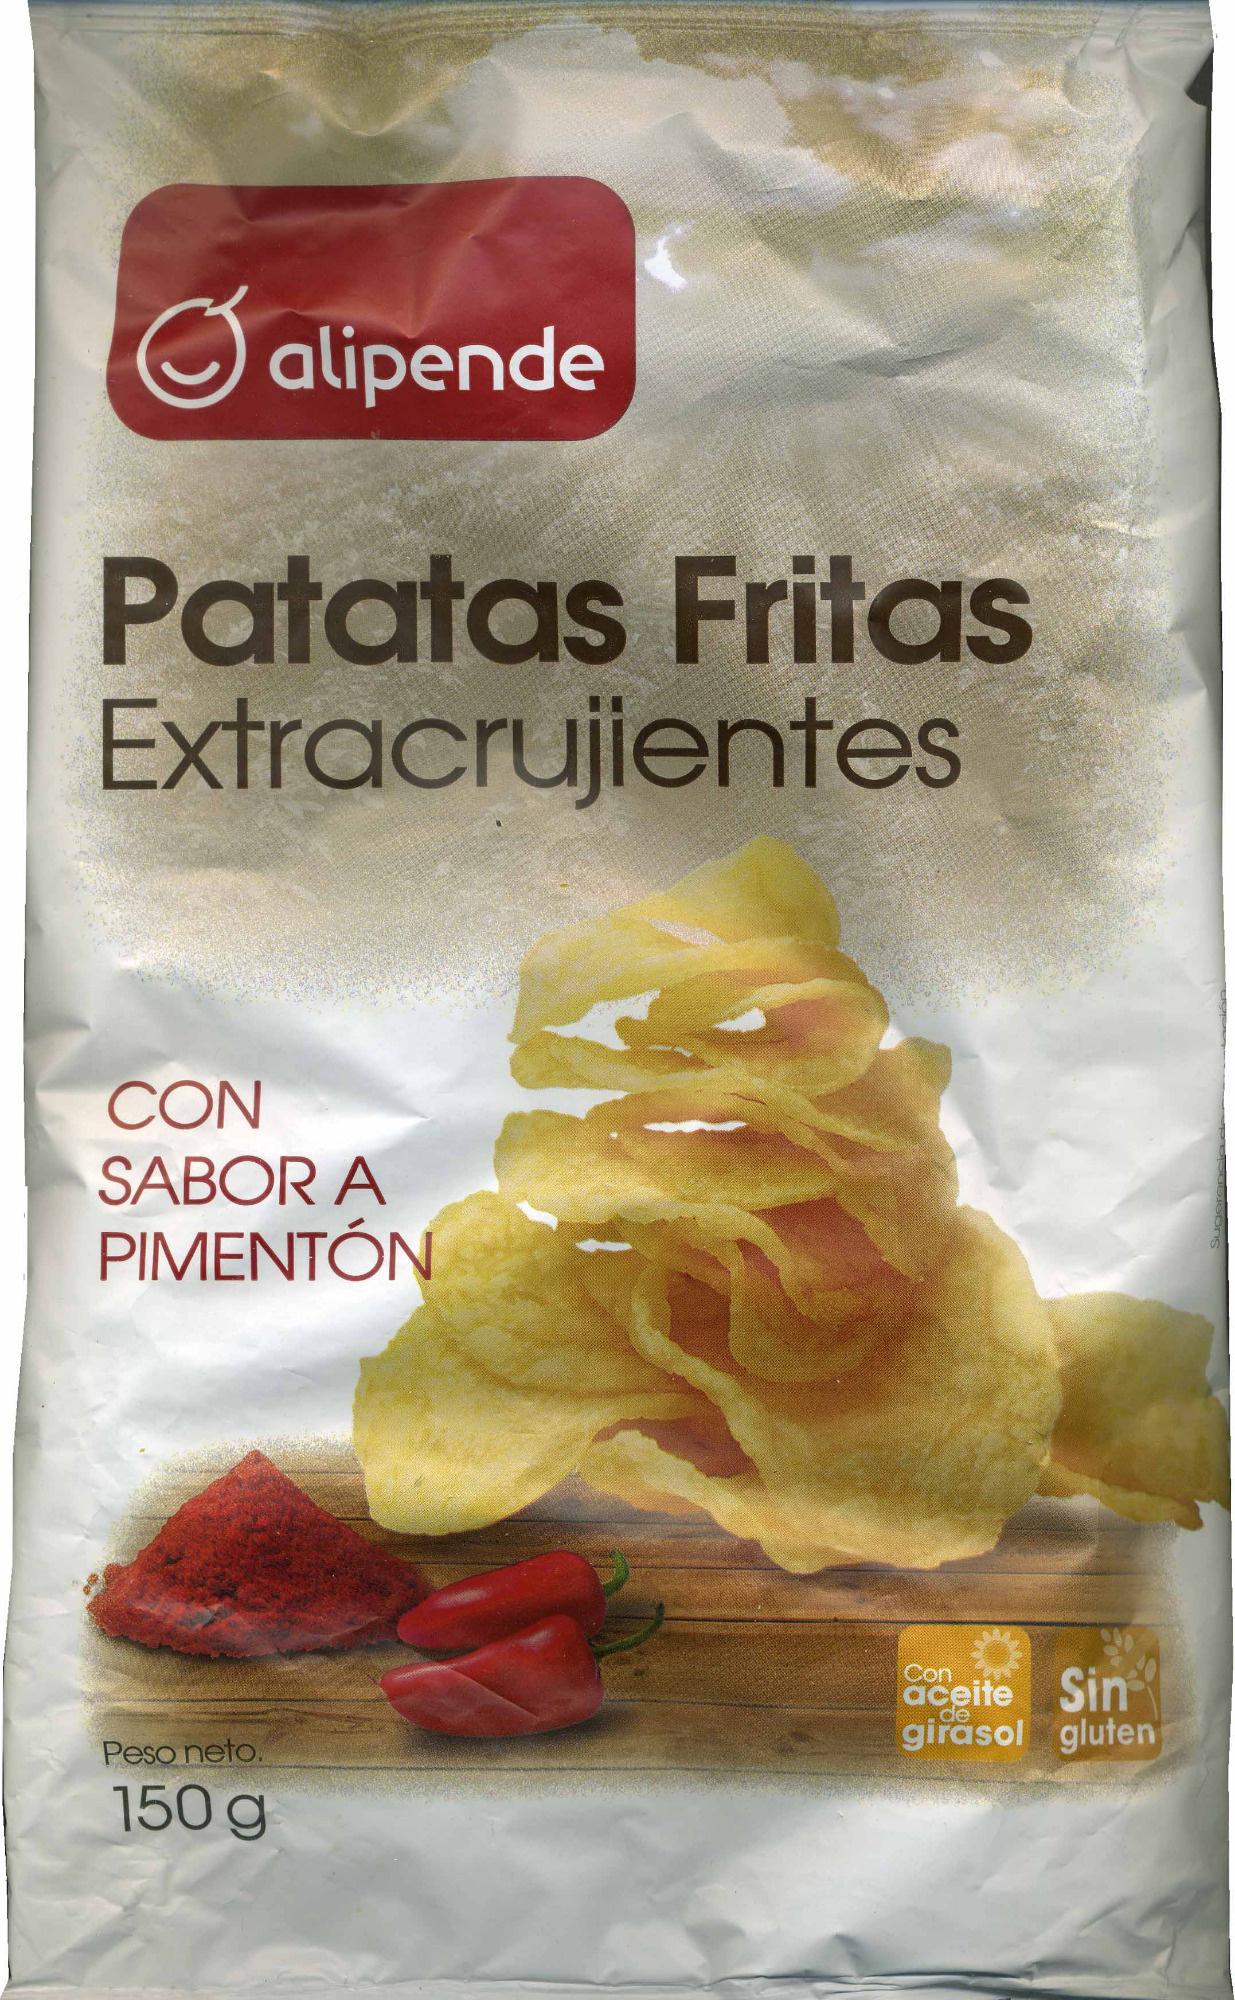 Patatas fritas extracrujientes con sabor a pimentón - Producto - es